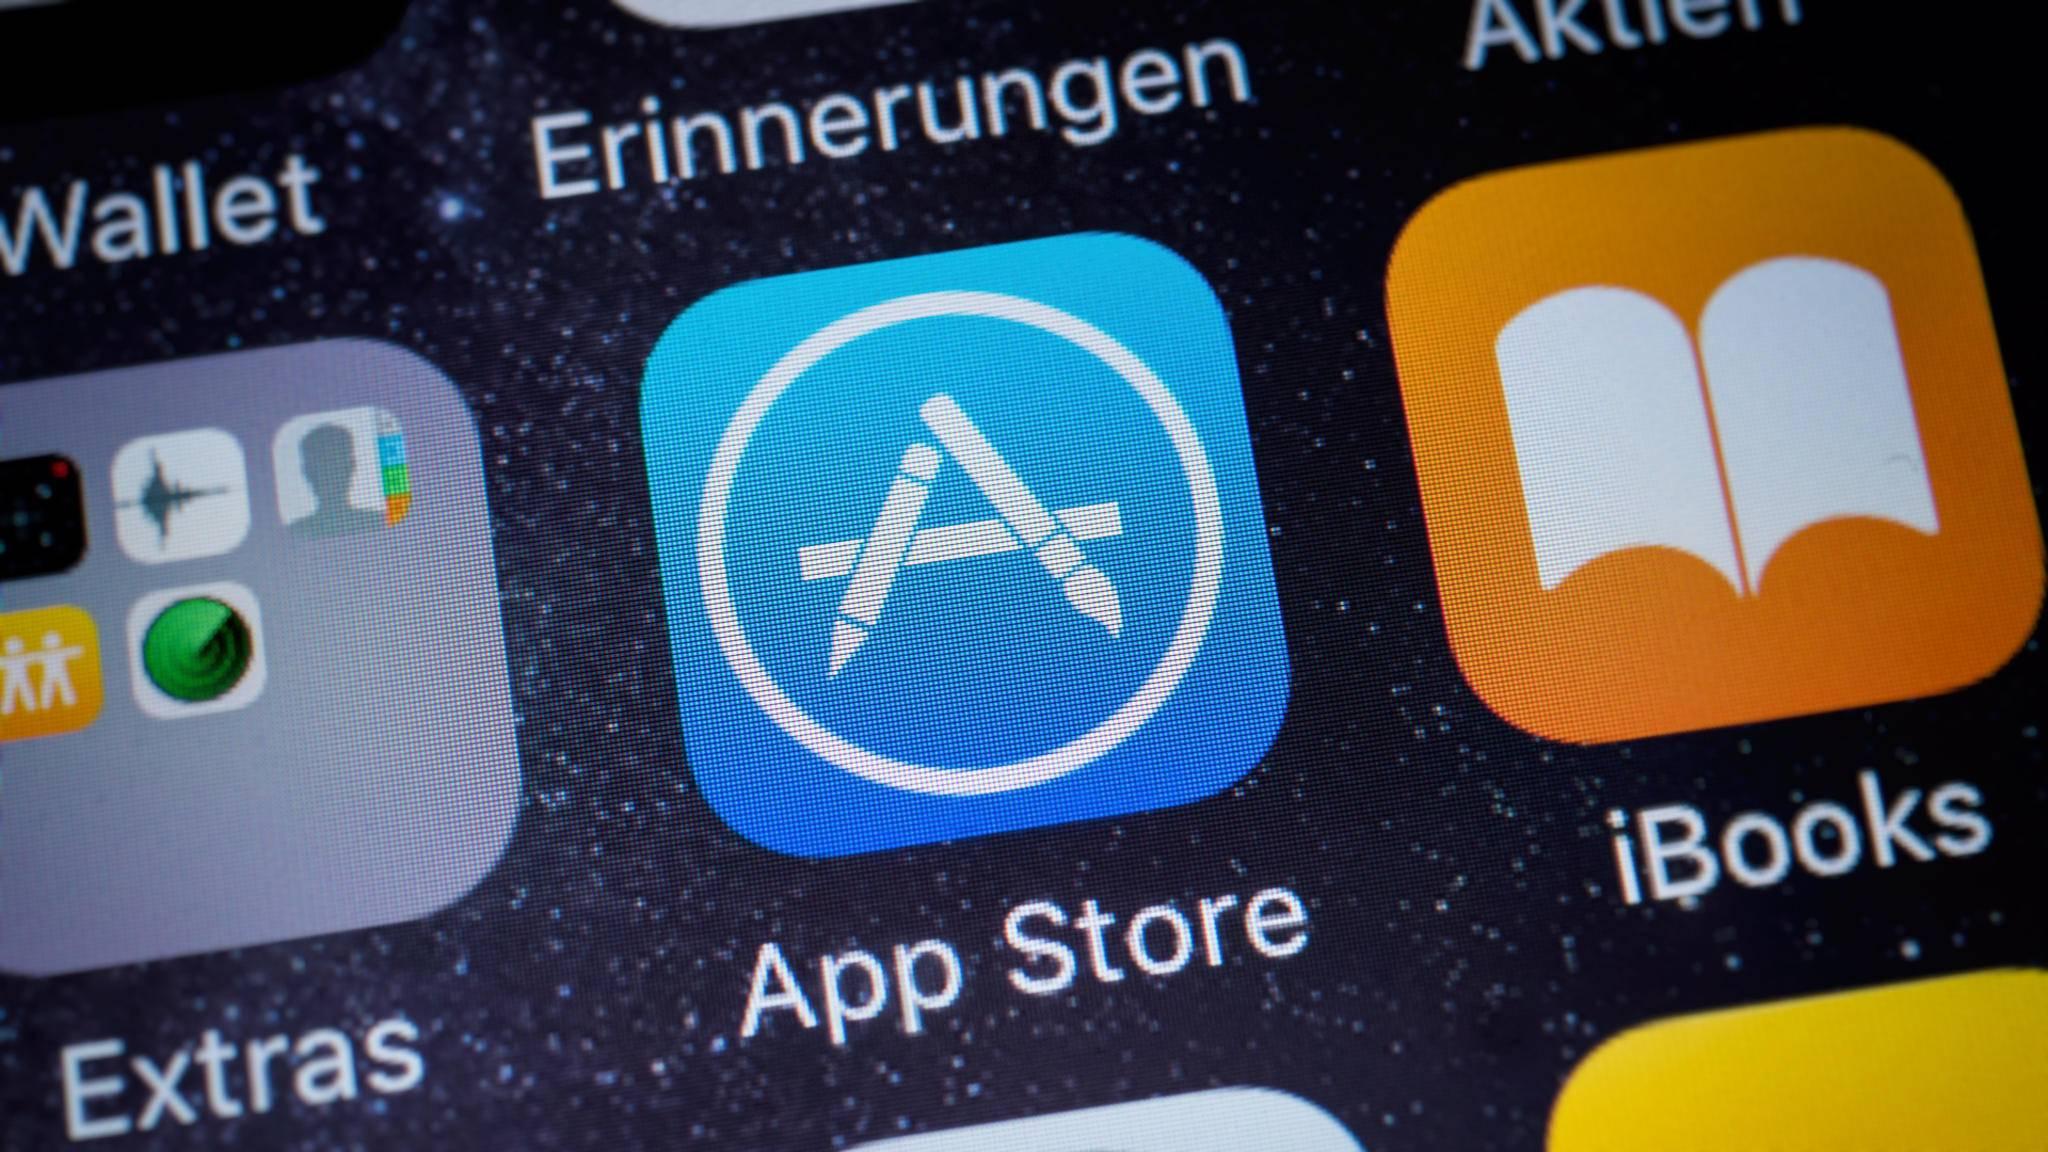 Wir Verraten Wie Du Ganz Einfach Das Land Fur Den App Store Wechseln Kannst